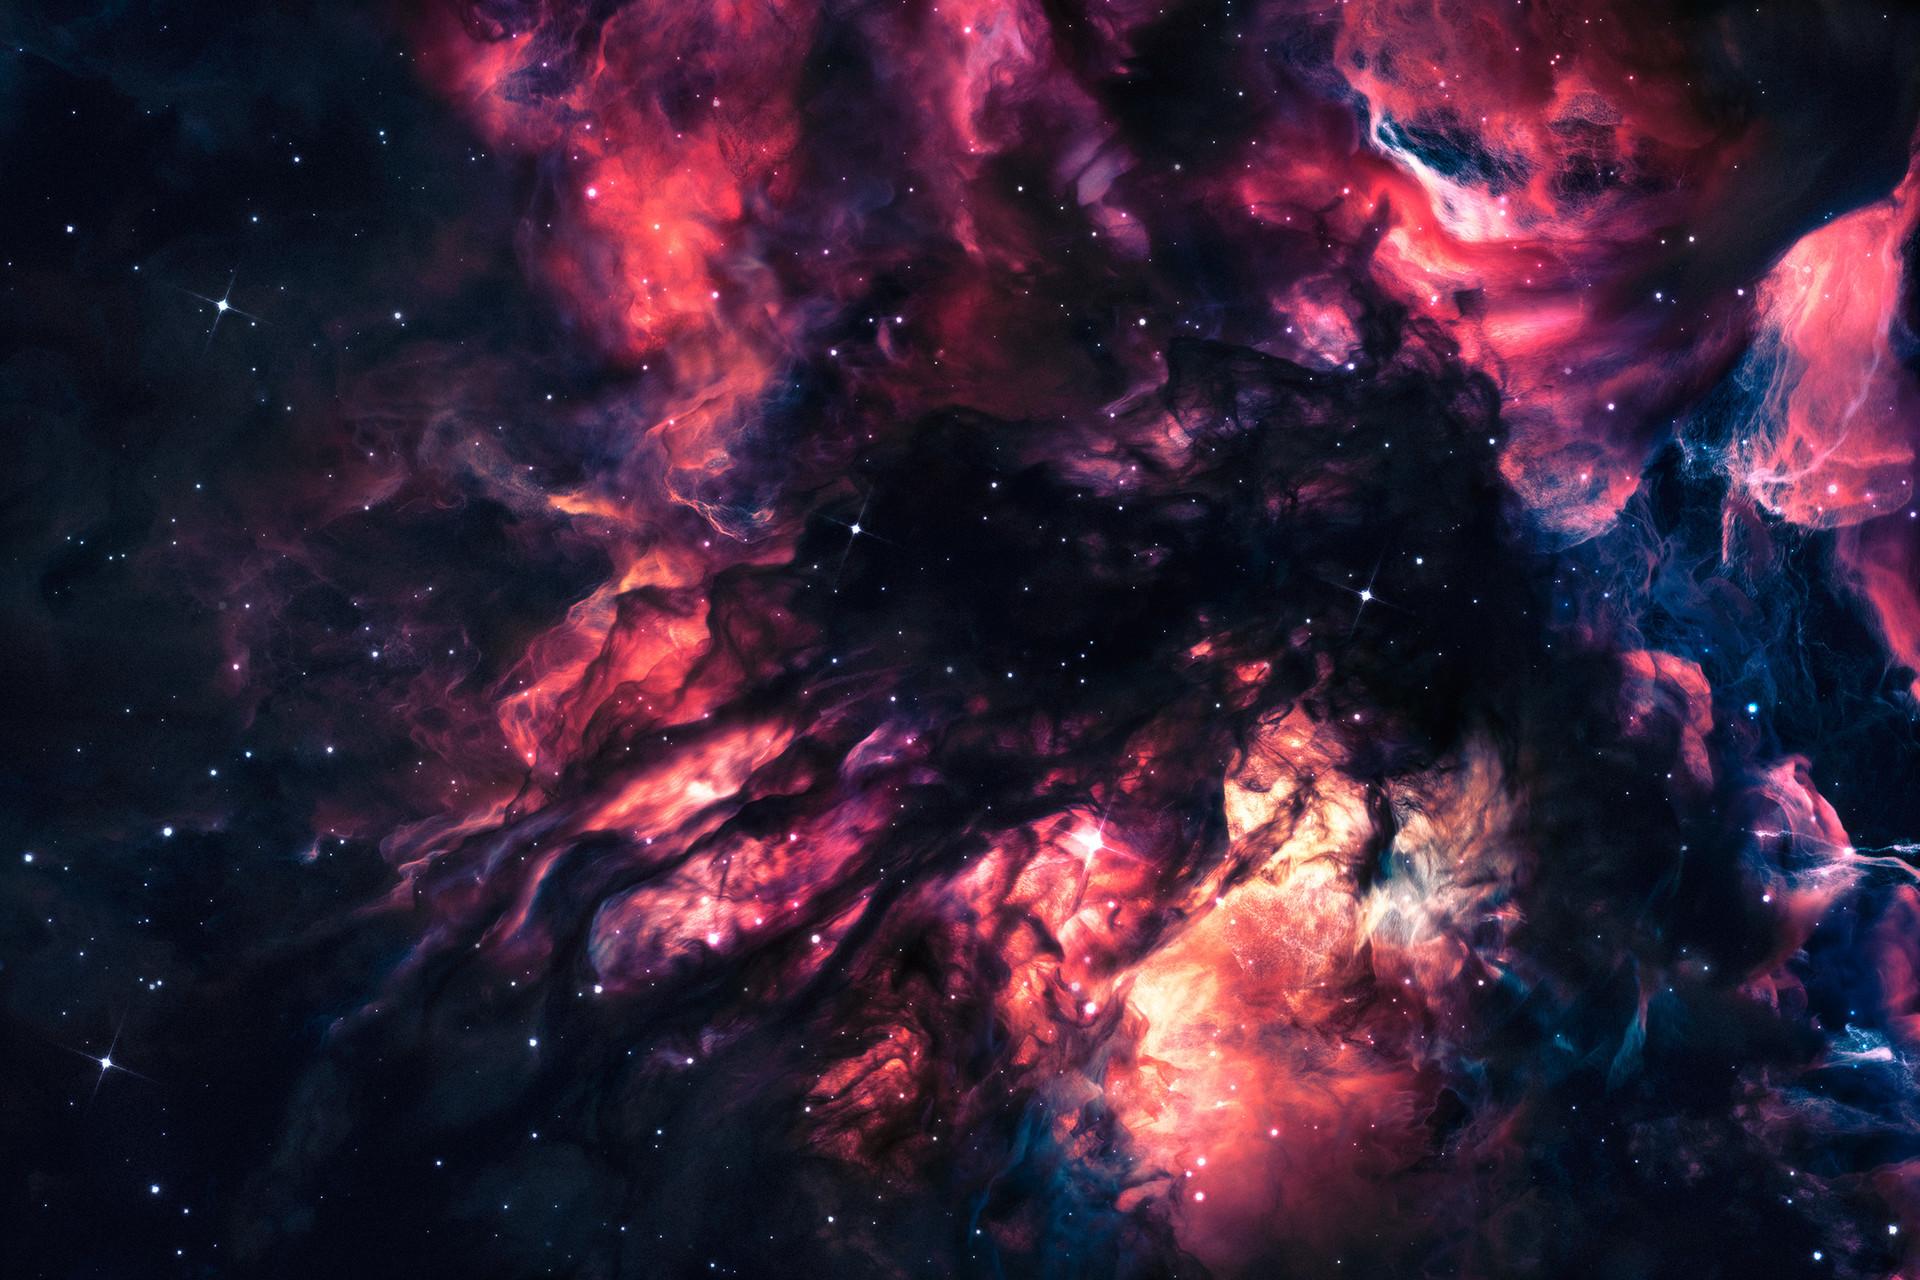 Космос картинки для контакта